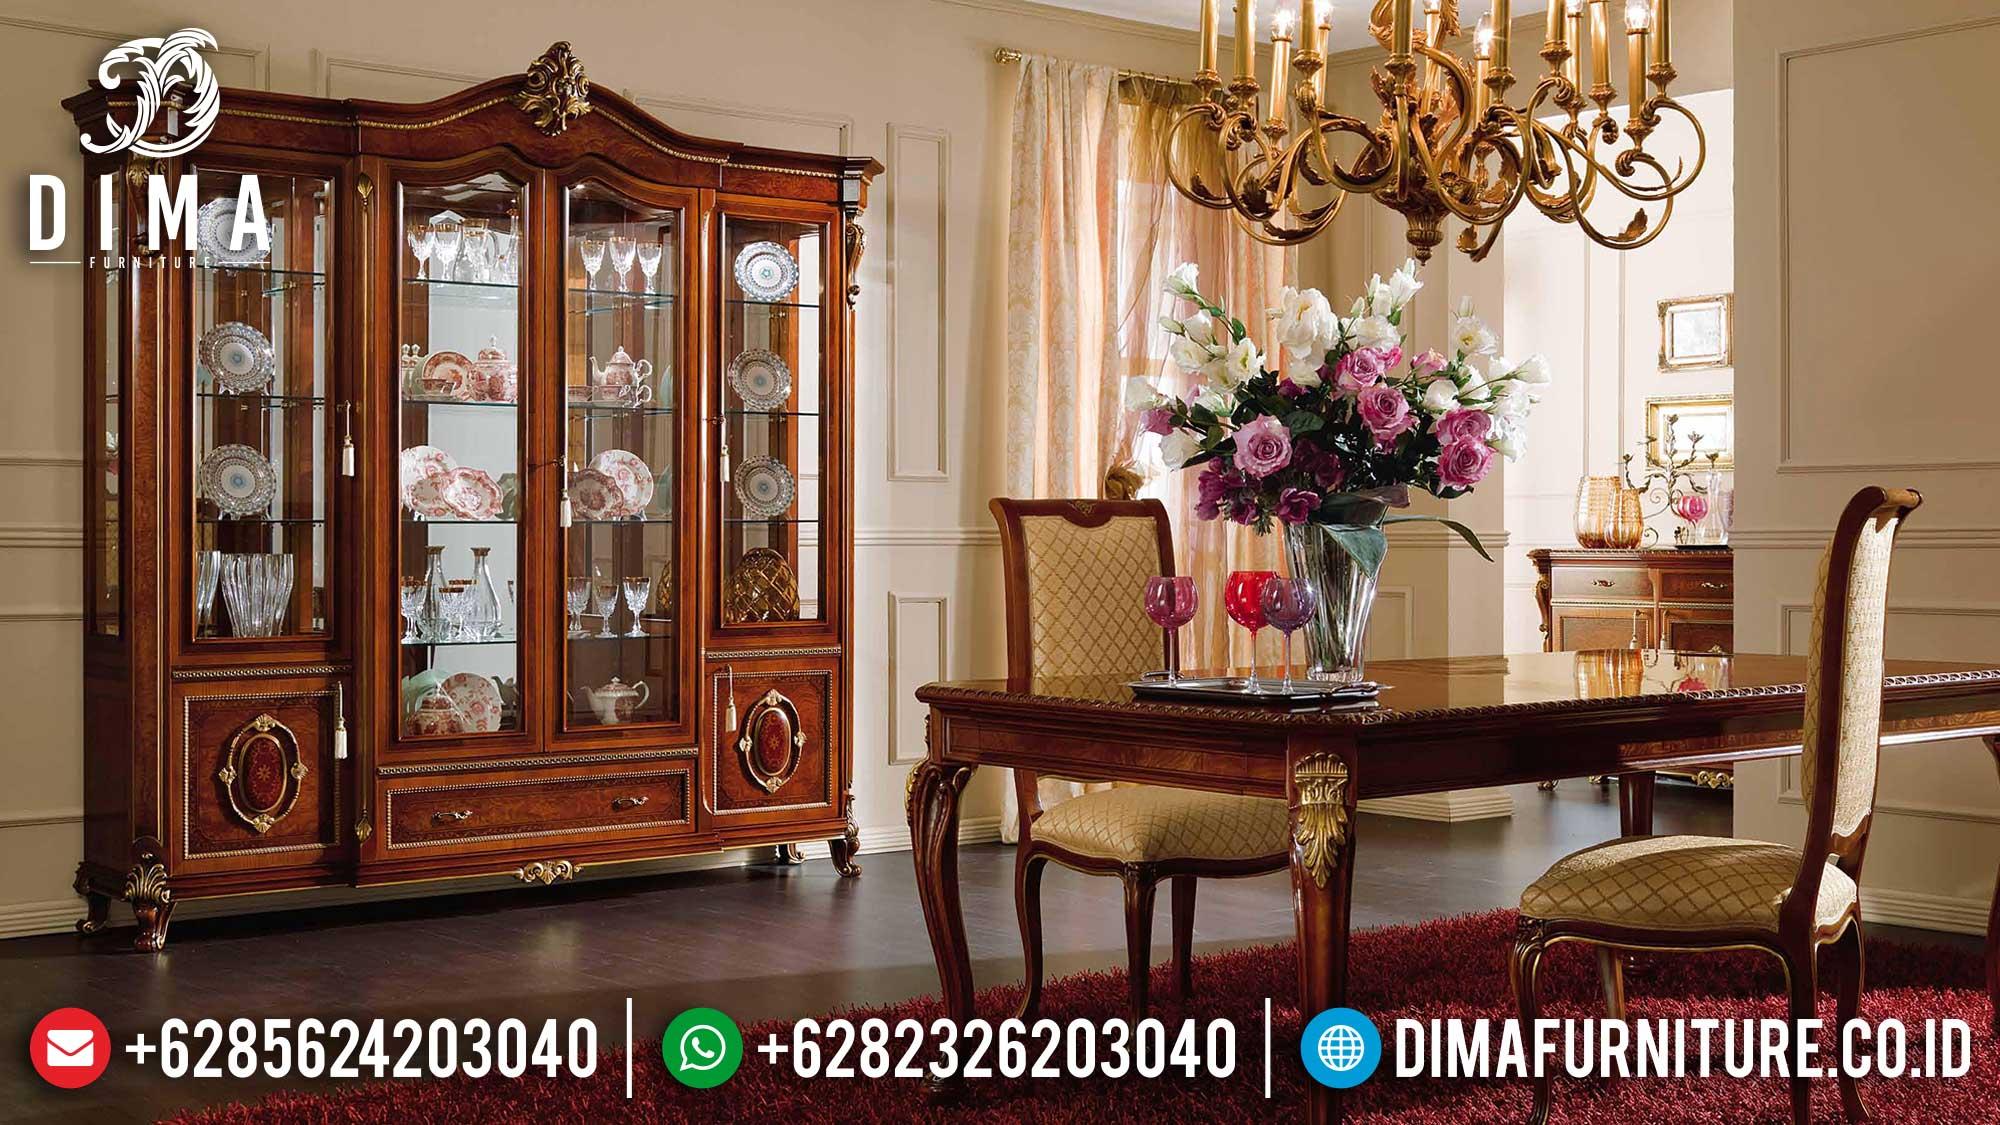 Harga Lemari Hias Mewah Jati Natural Perhutani Luxury Carving TTJ-1674